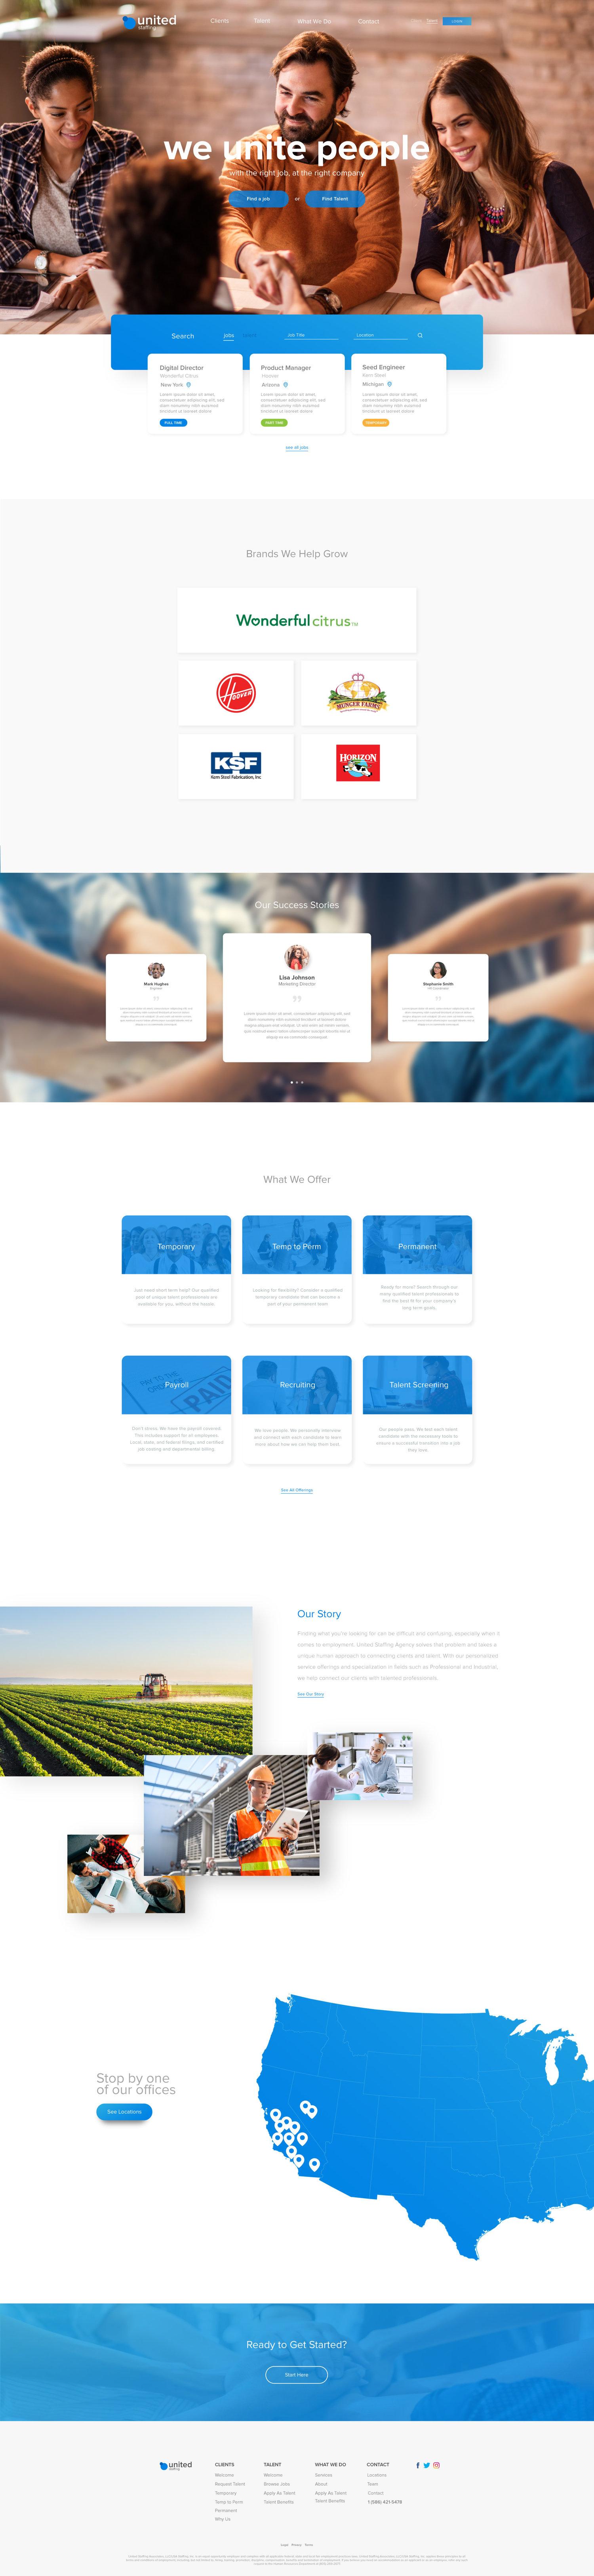 Web Design | United Staffing - Homepage | V1 (Desktop View)